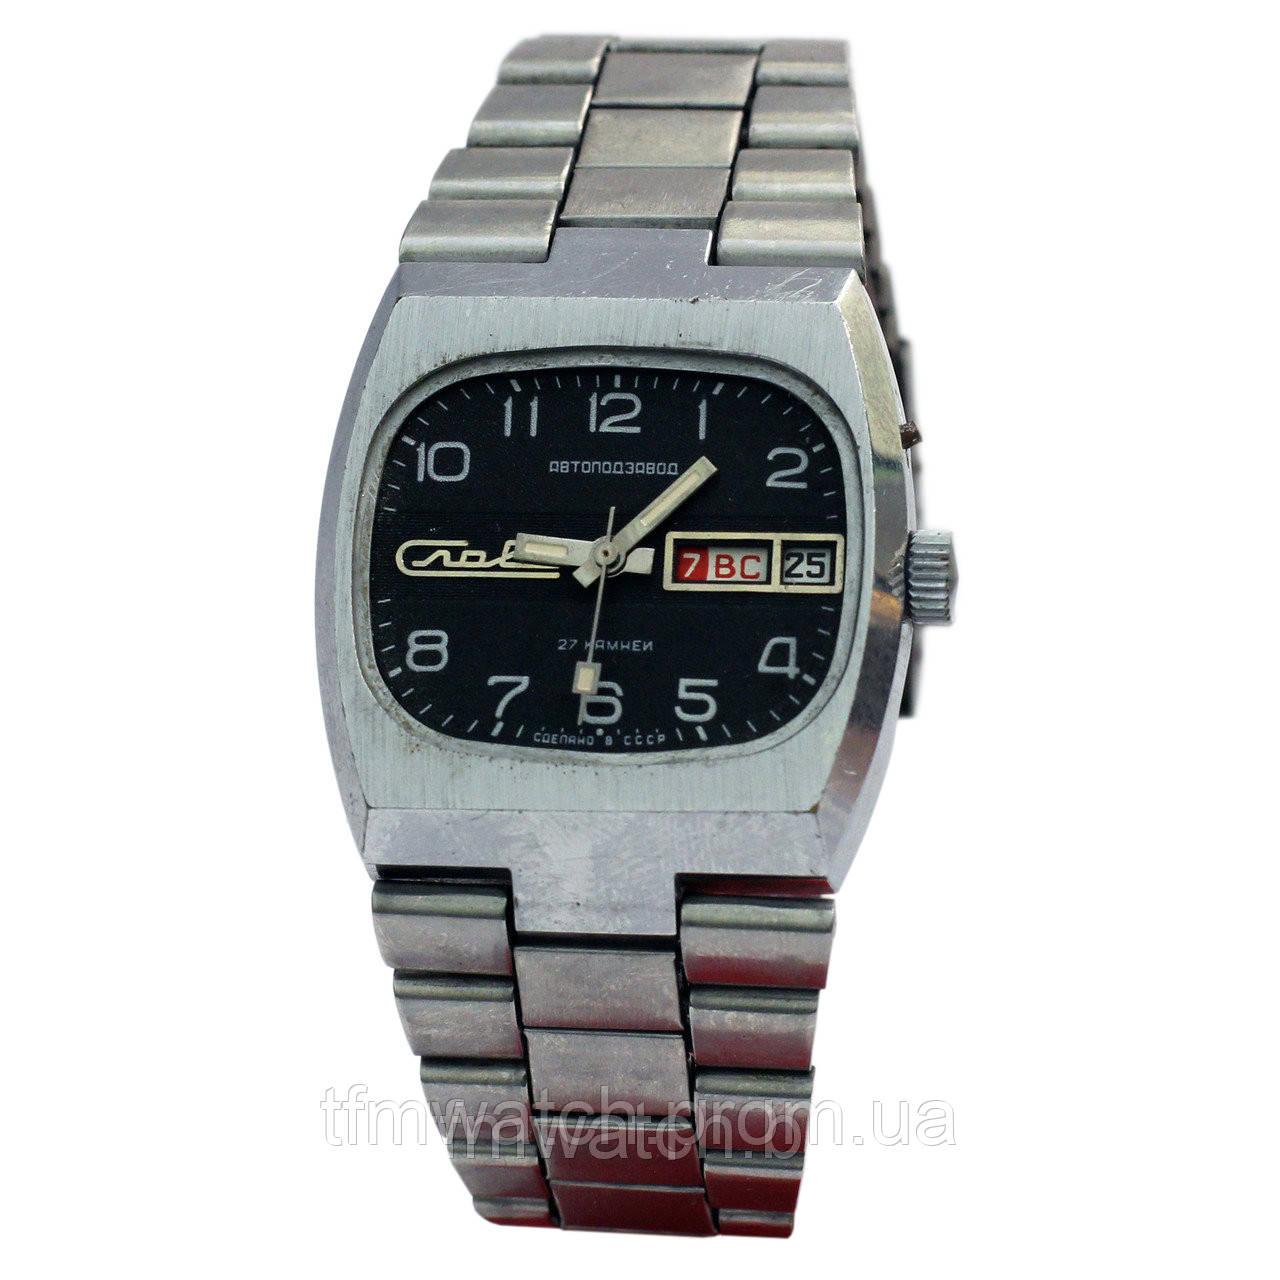 Мужские часы Слава автоподзавод. Слава-танк - Магазин старинных, винтажных  и антикварных часов 2f4c390ba1d